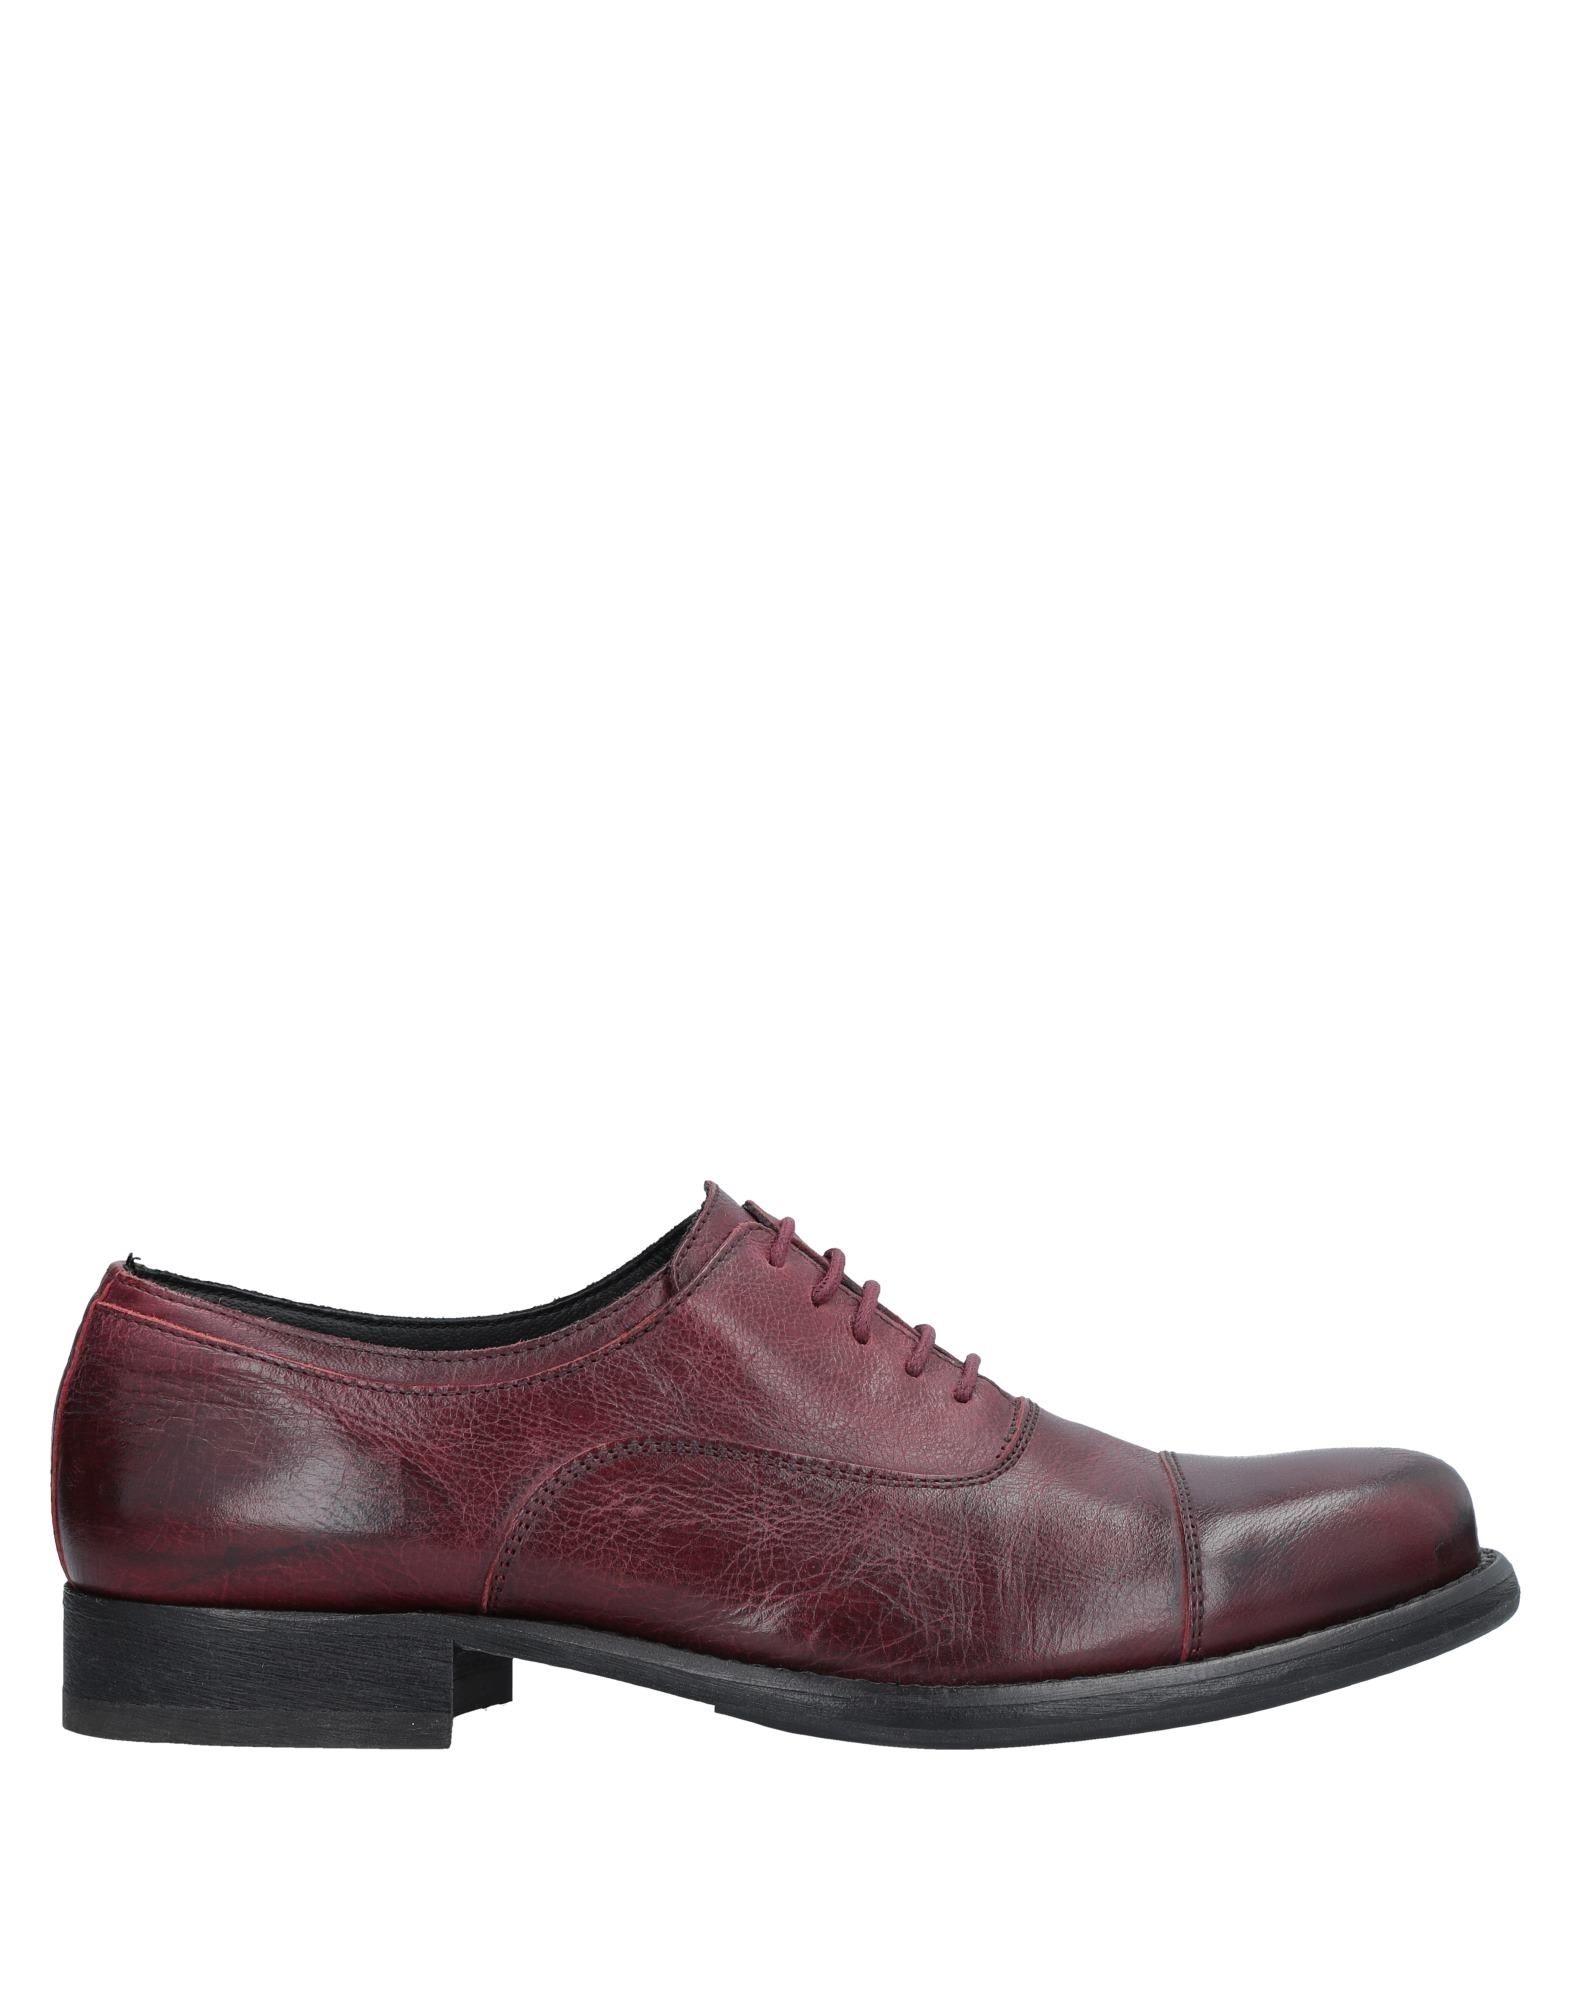 Sneakers Bikkembergs Uomo - 11461253PT Scarpe economiche e buone